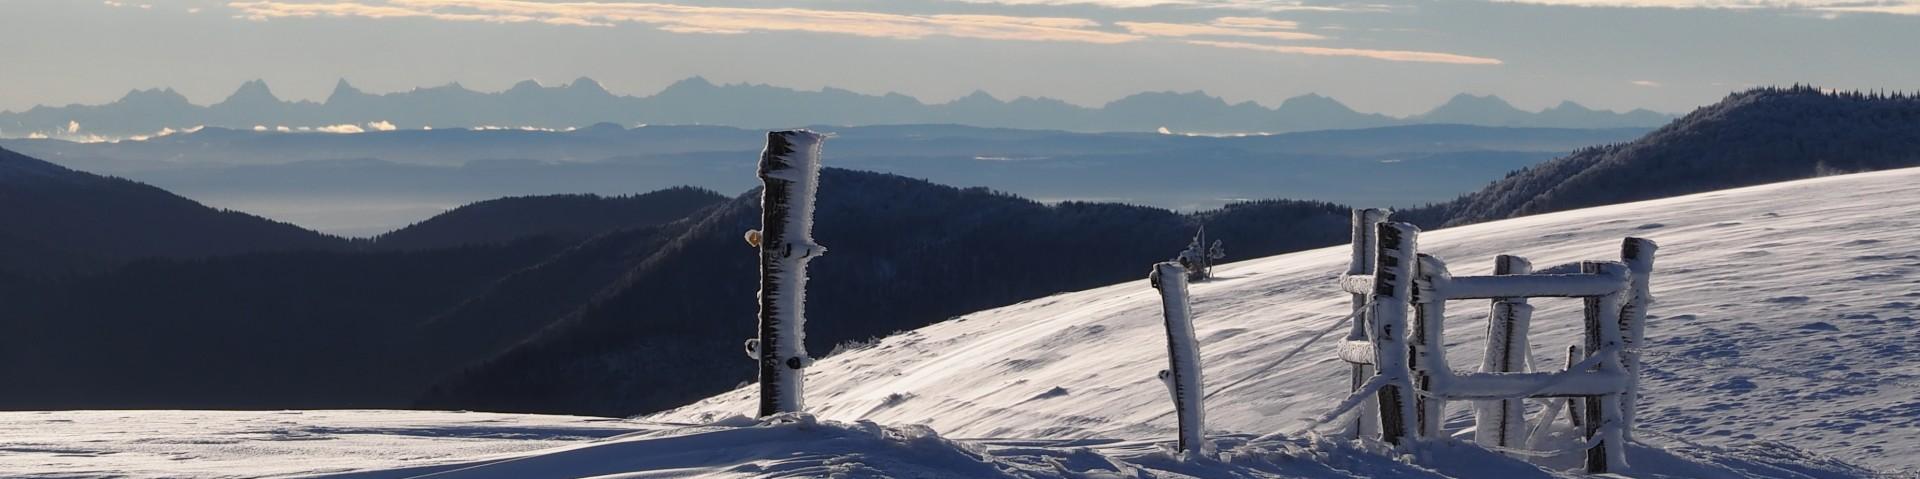 neige180-001-dominique-steinel-3875